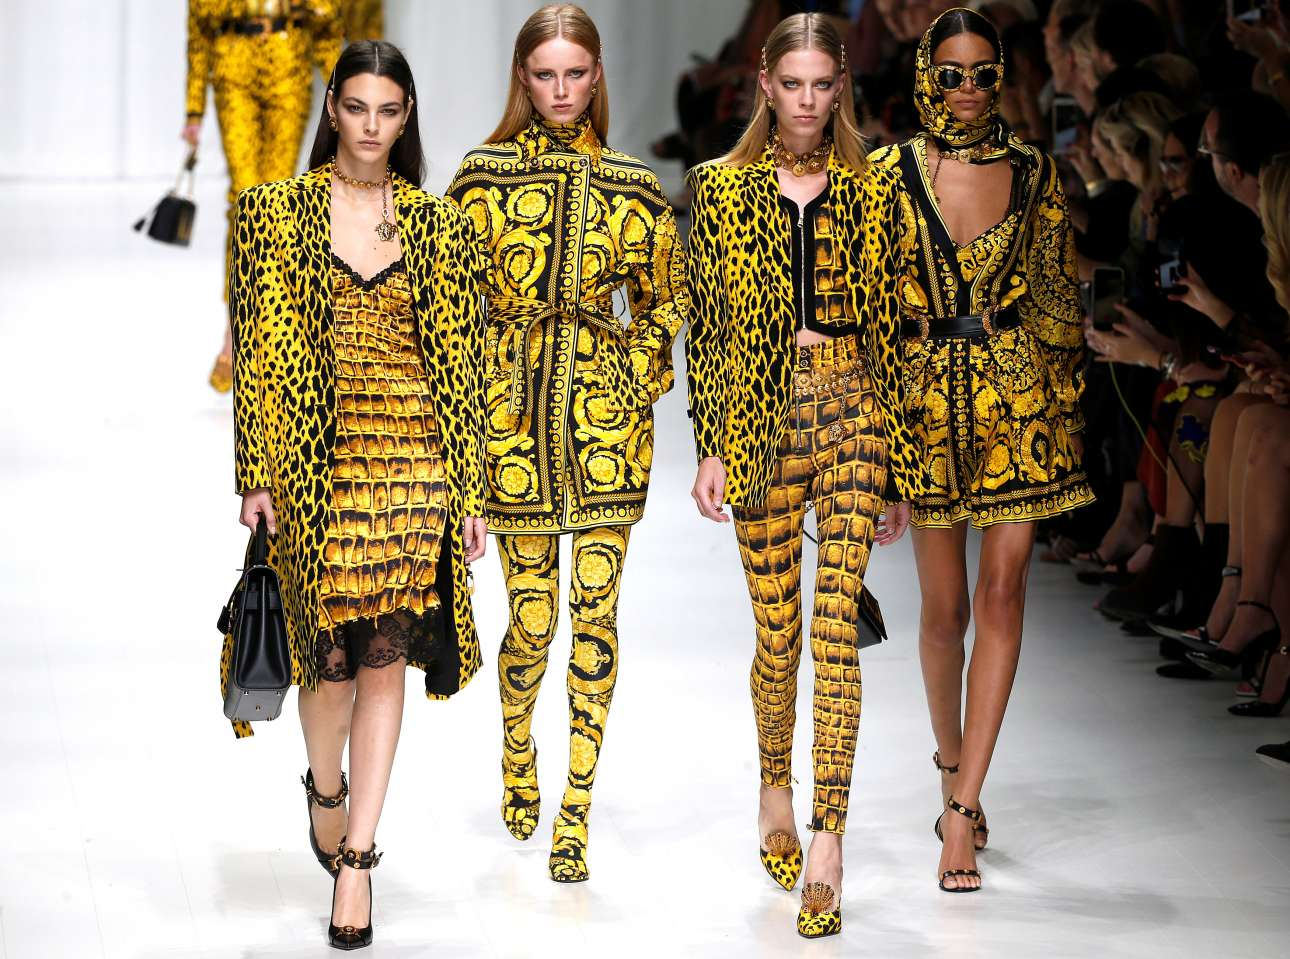 H συλλογή Versace έδωσε έμφαση στην κιτρινόμαυρη αντίθεση μέσα από τον συνδυασμό διαφορετικών μοτίβων και σχεδίων